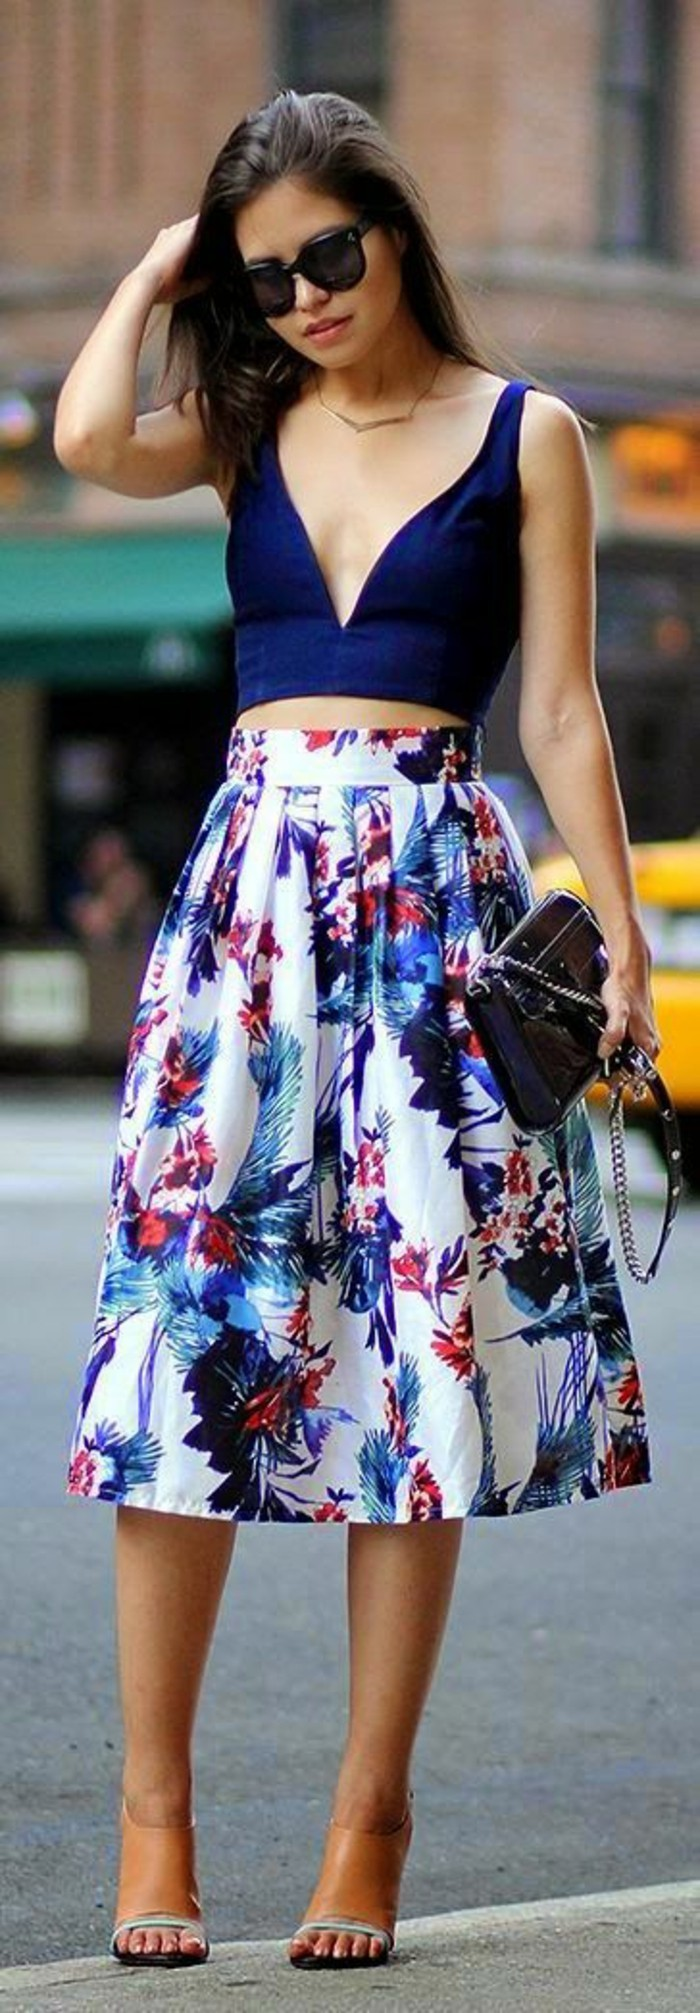 style-décontracté-chic-femme-style-femme-chic-belle-tenue-chic